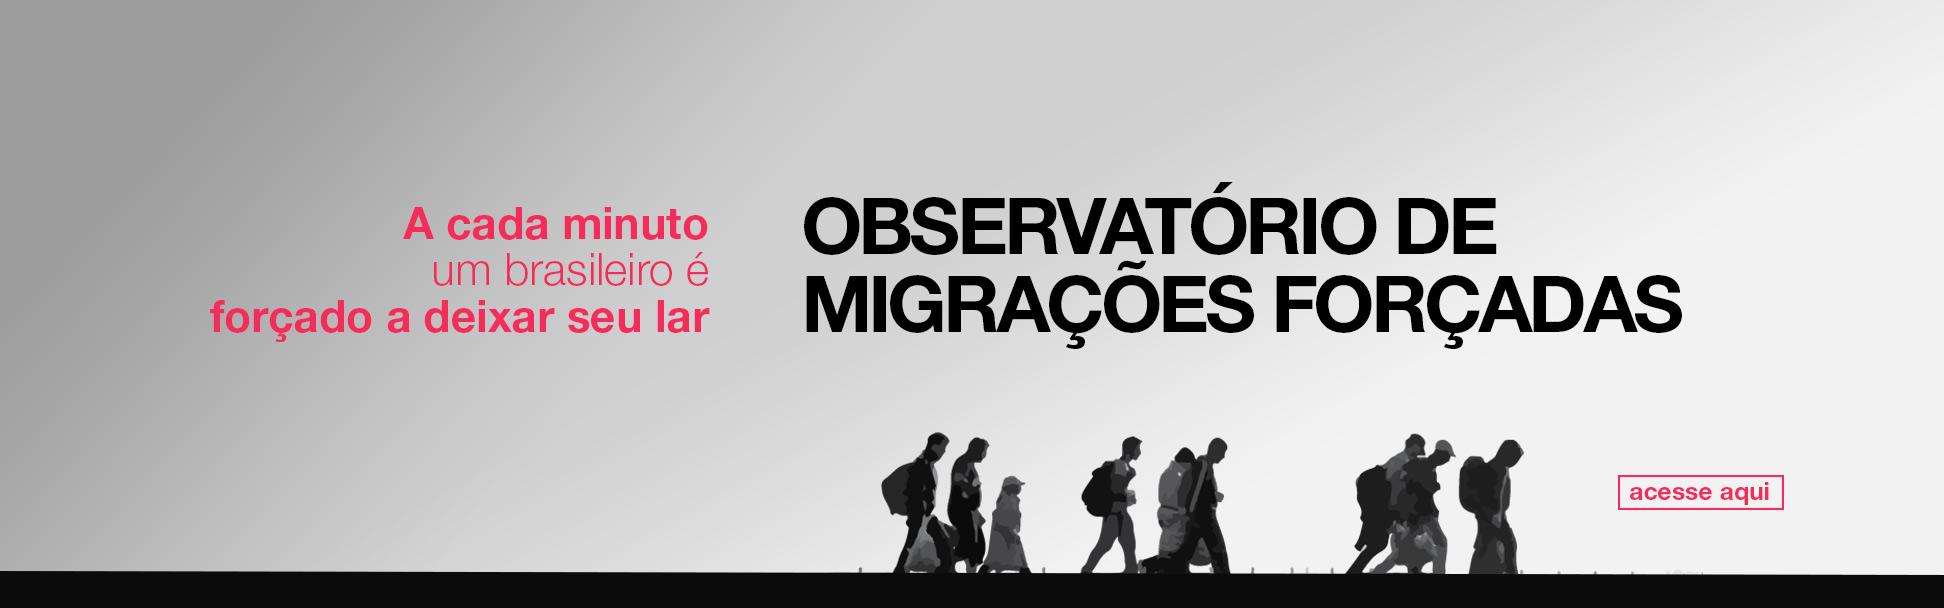 banner do observatório de migrações forçadas. Para acessar clique aqui